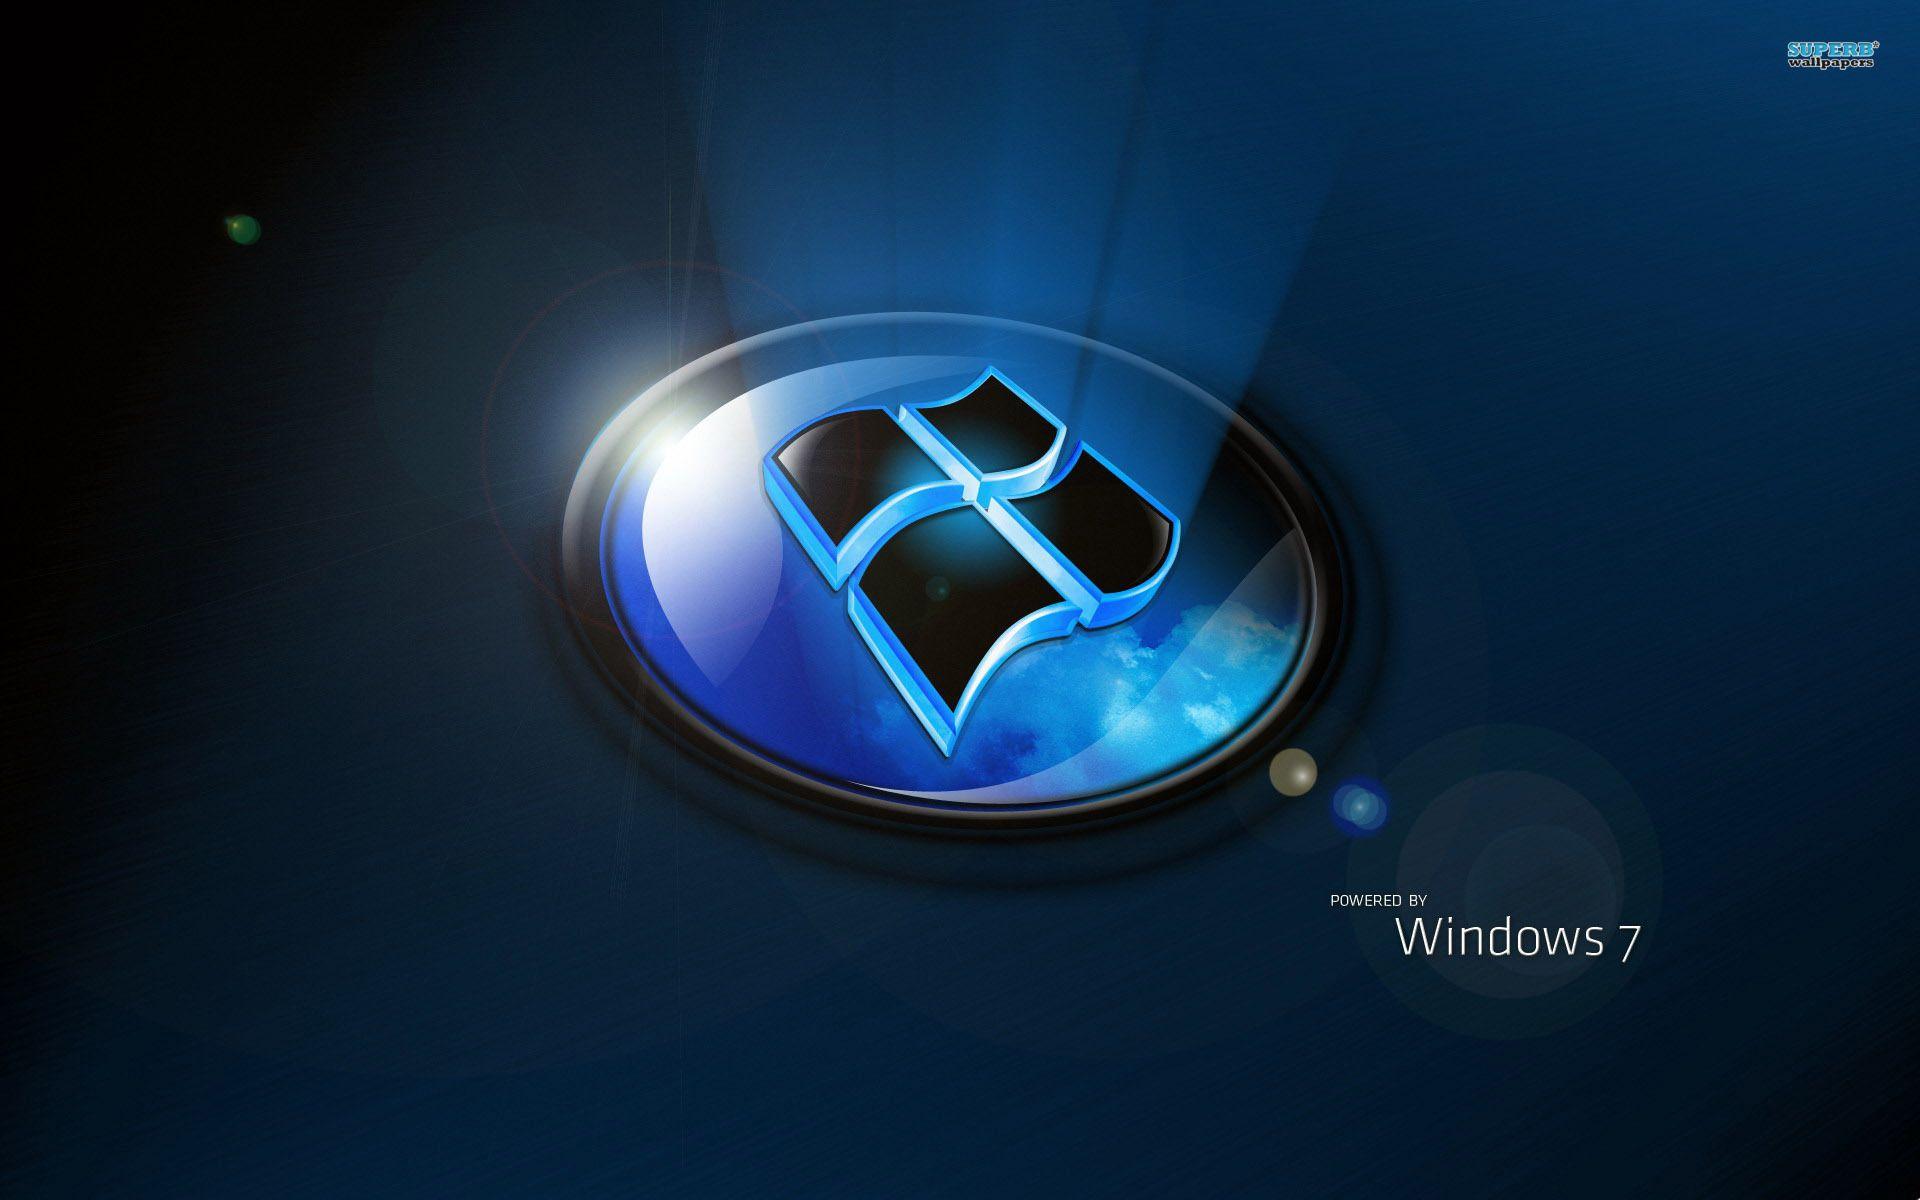 More Striking Hd Windows Wallpapers Downloads Techmynd